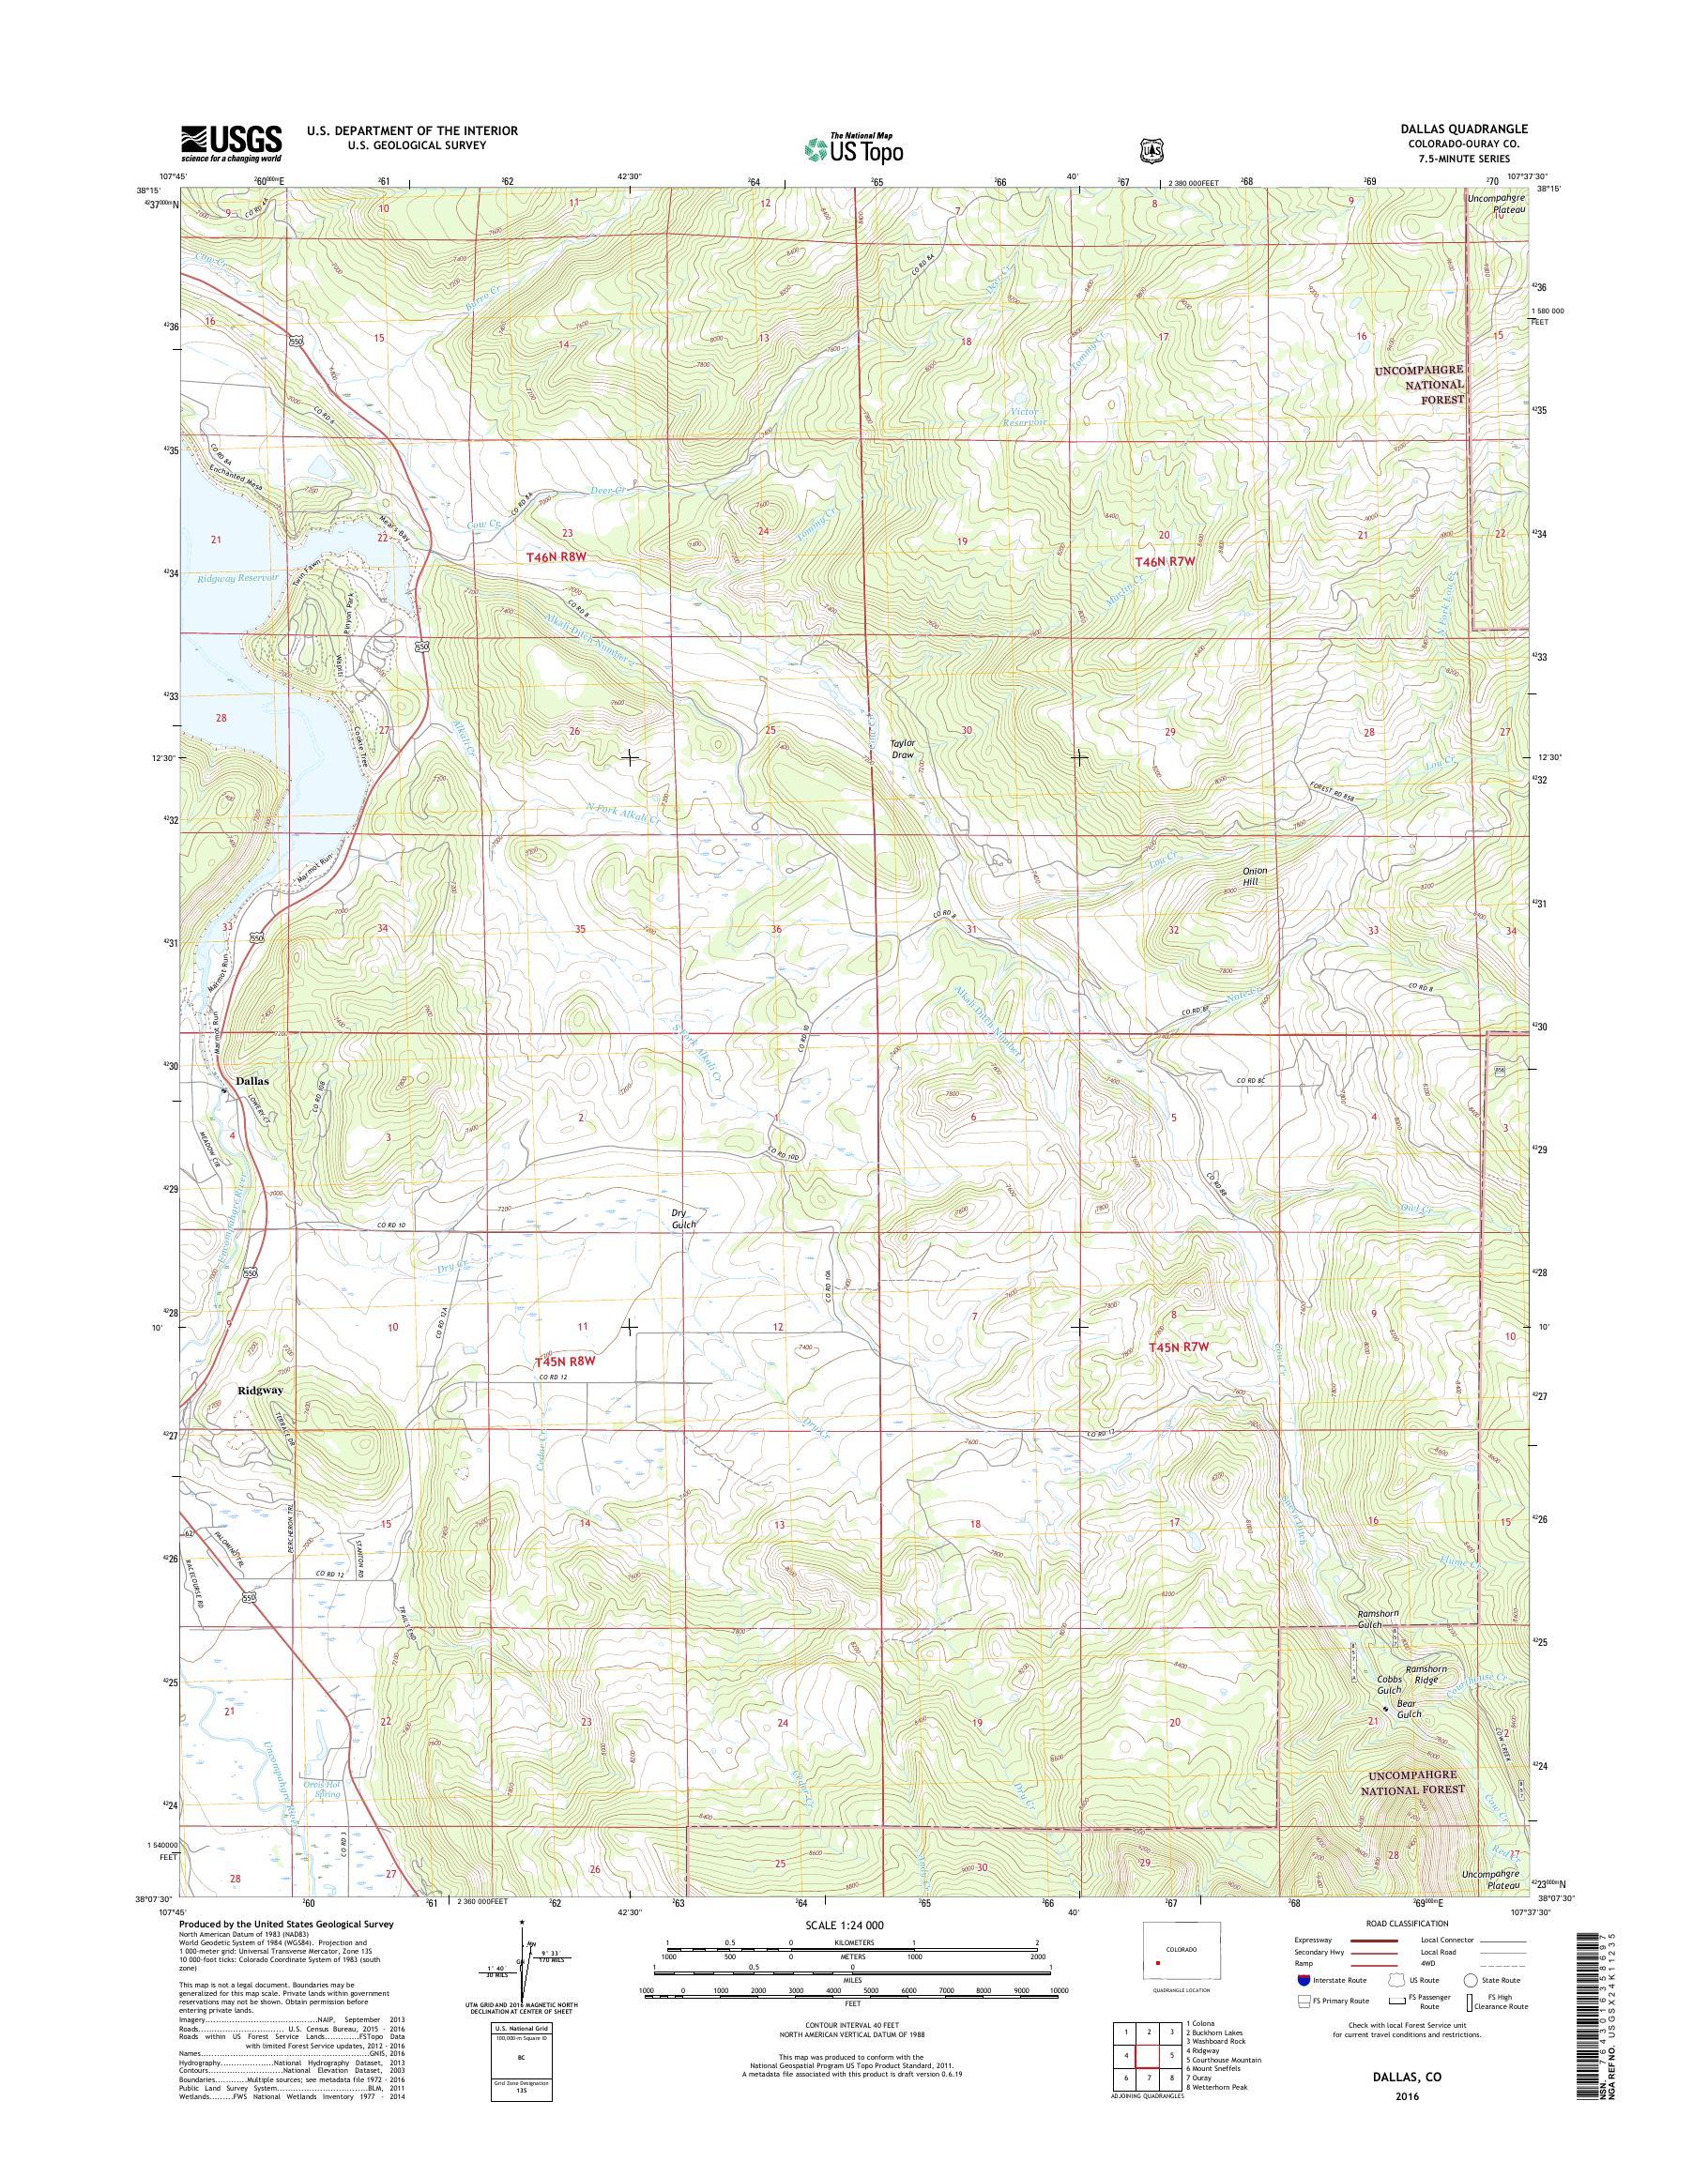 MyTopo Dallas, Colorado USGS Quad Topo Map on